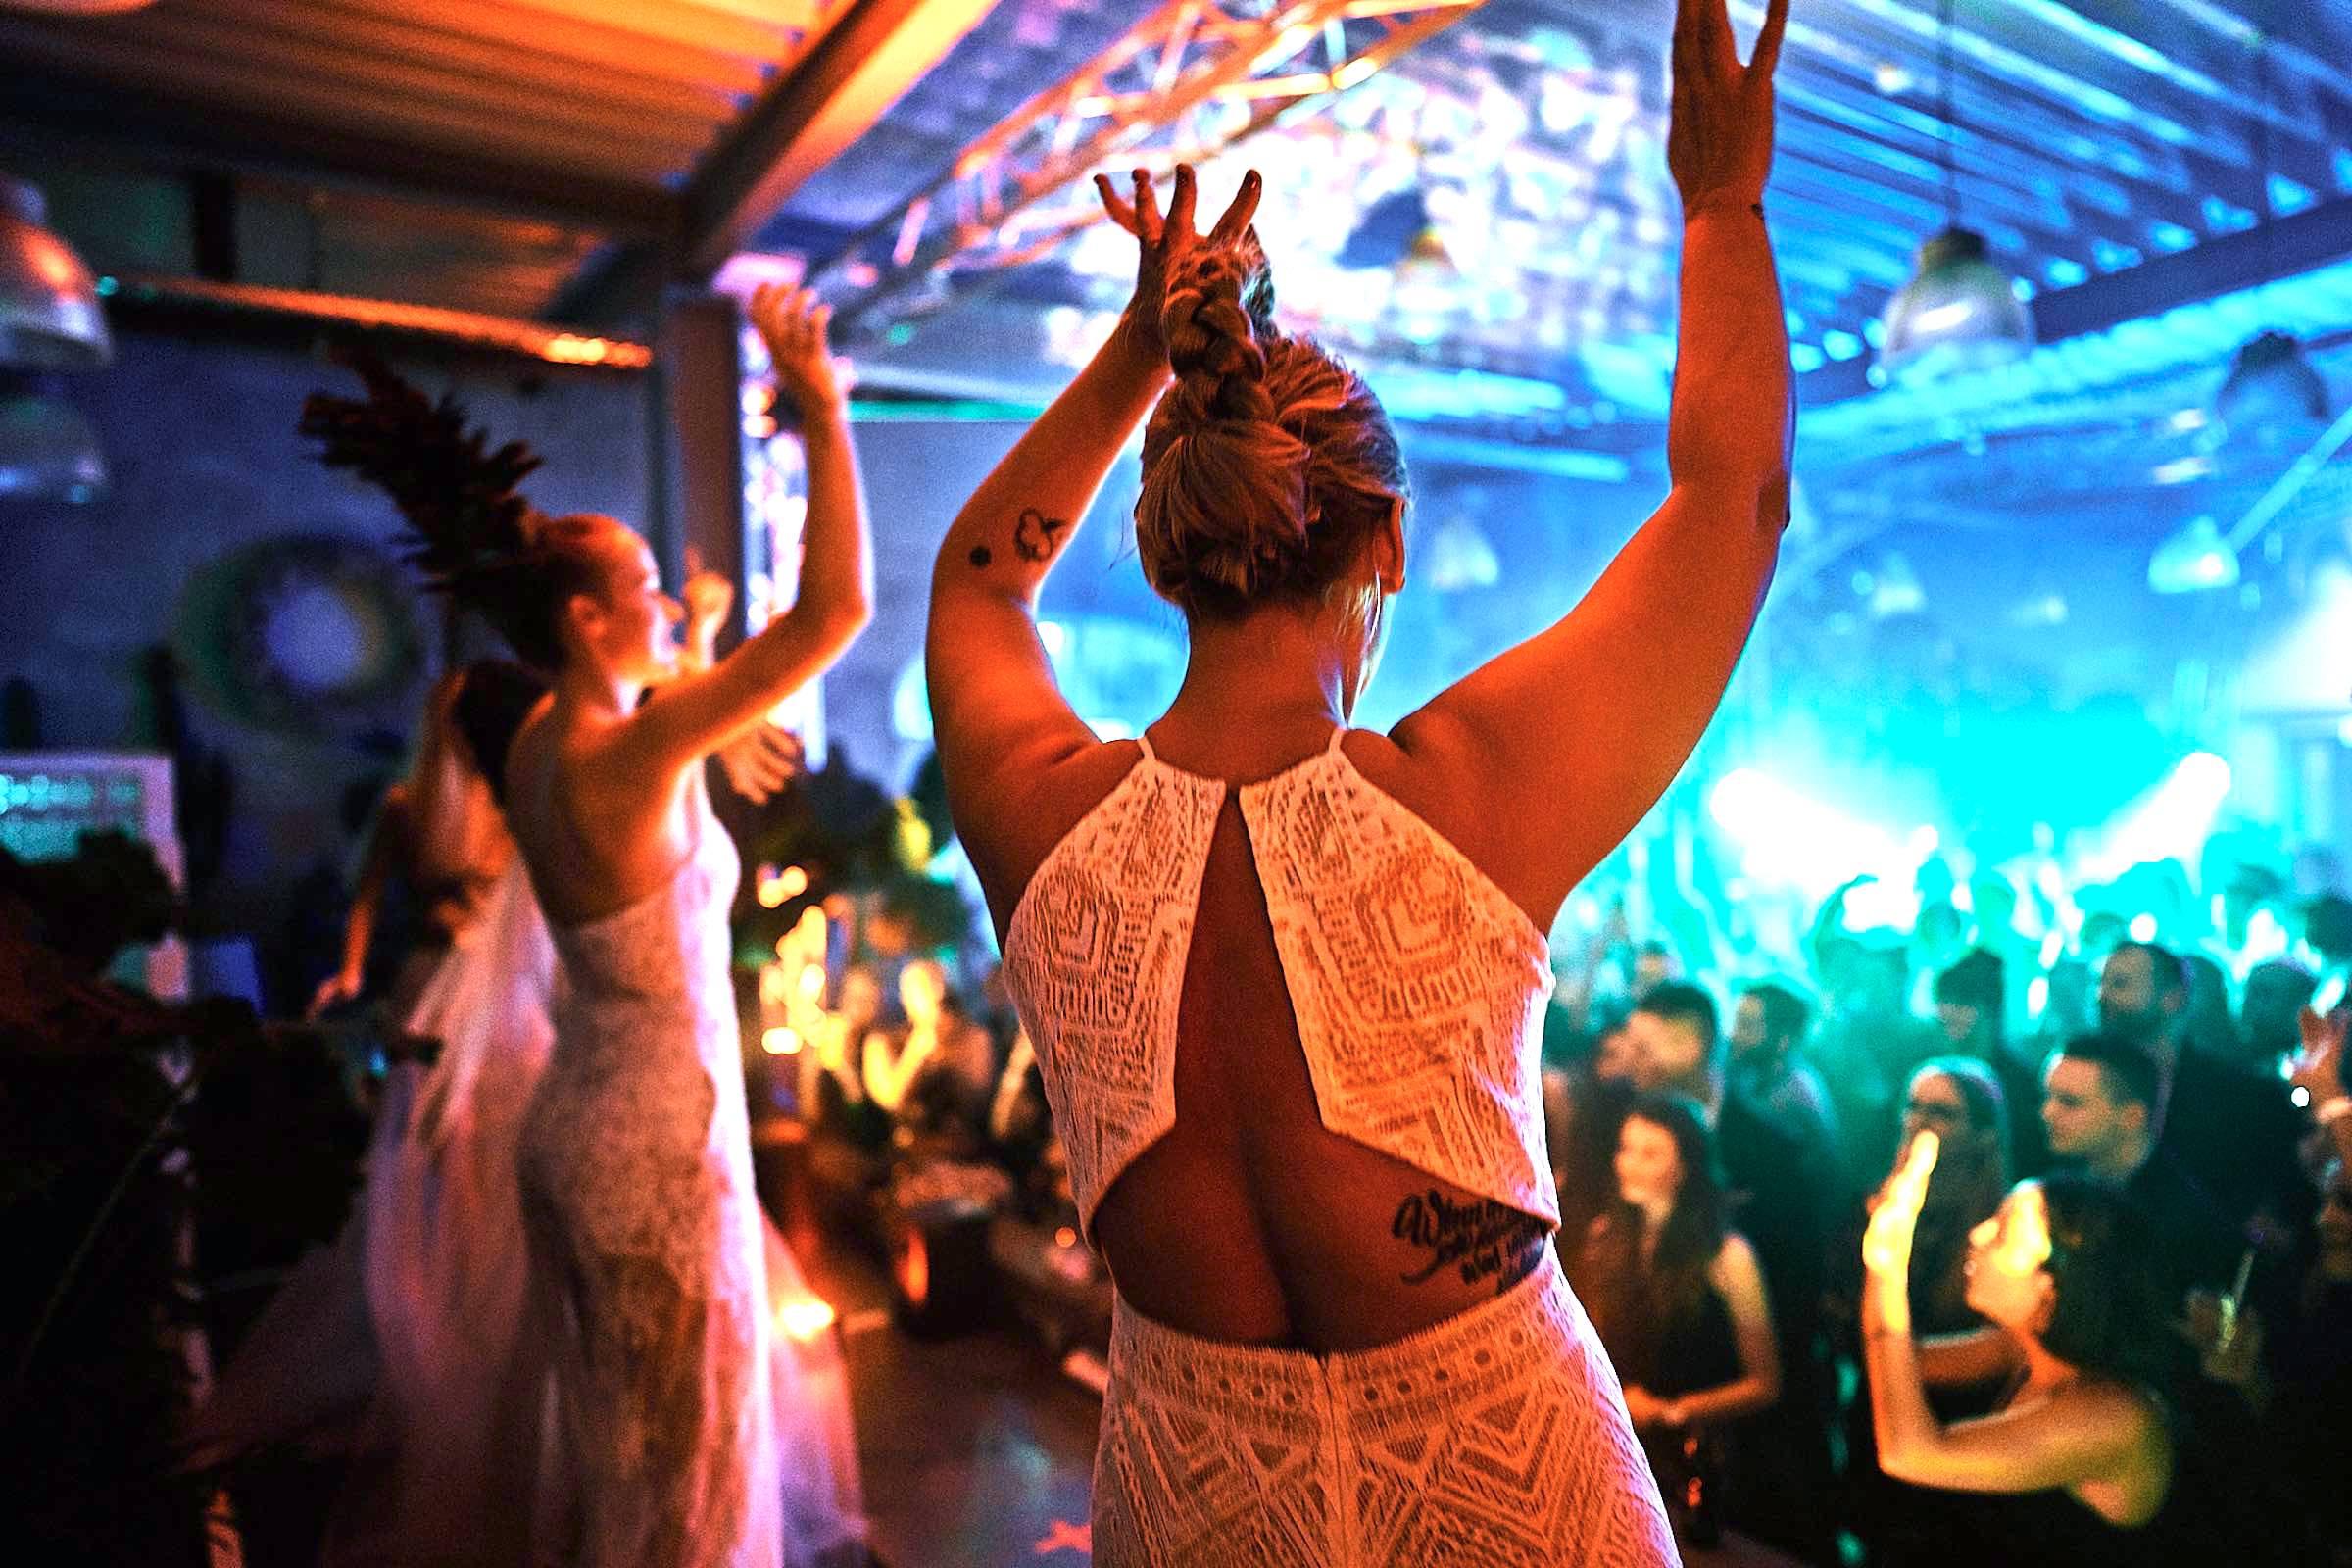 DJ | Hochzeit | Hannover | DJ | Messe | Hochzeits | DJ | Hannover | DJ | Firmenevent | Firmenfeier | DJ | Geburtstag | DJ | Weihnachtsfeier | DJ | Sommerfest | DJ | Feier | Buchen | Anfragen | Lehmann | Eventservice